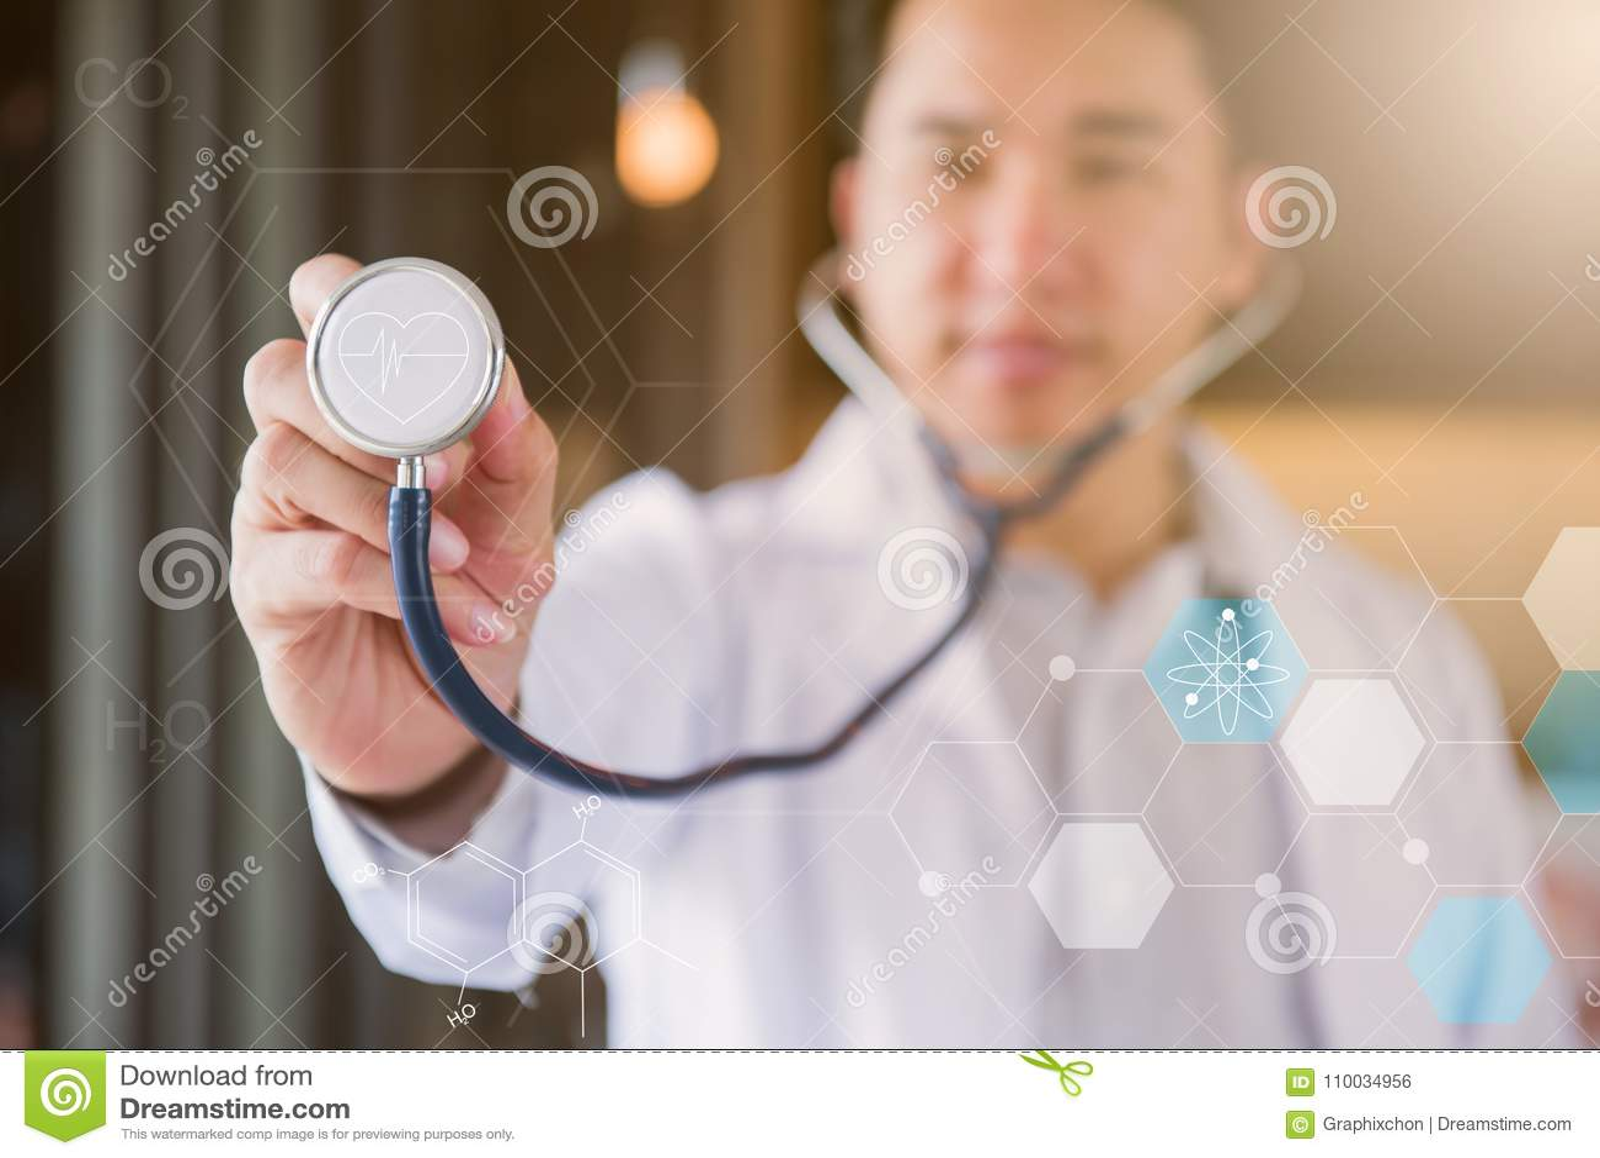 Doktor mit Herz-Krankheits-Kontrolleur